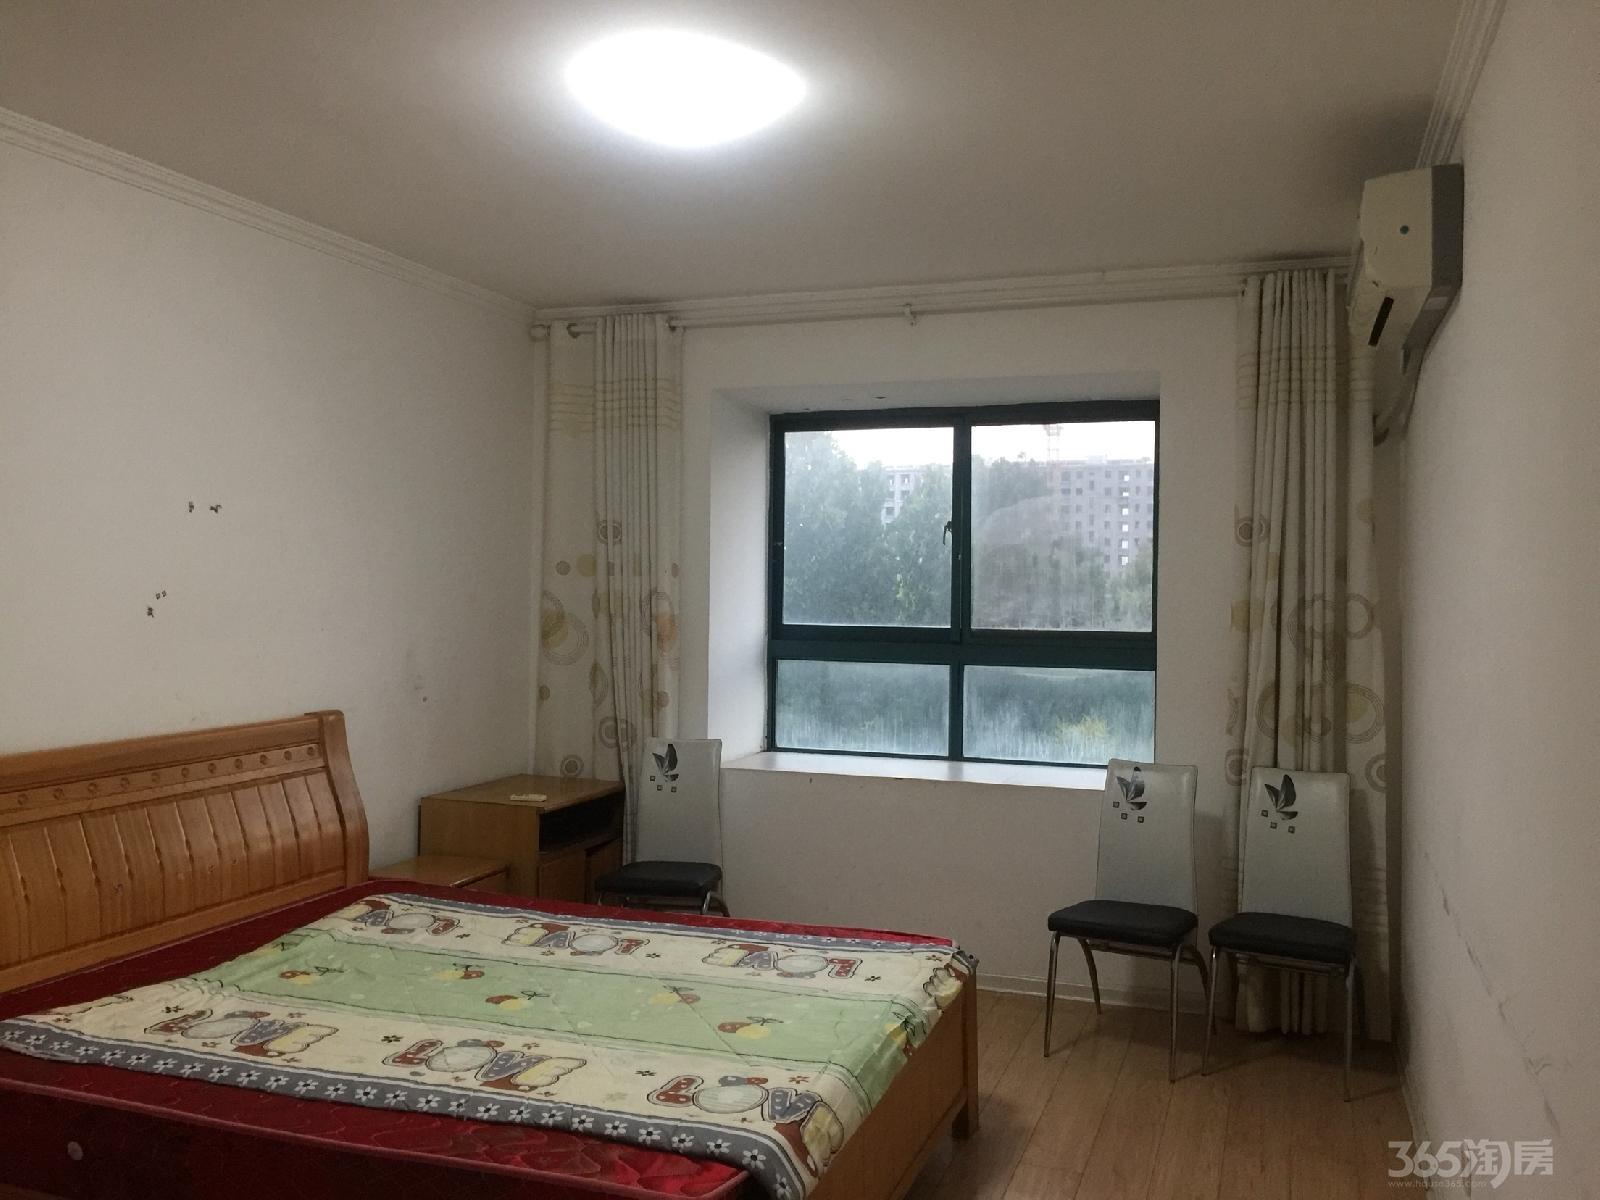 九龙城市乐园3室2厅1卫128平米整租精装